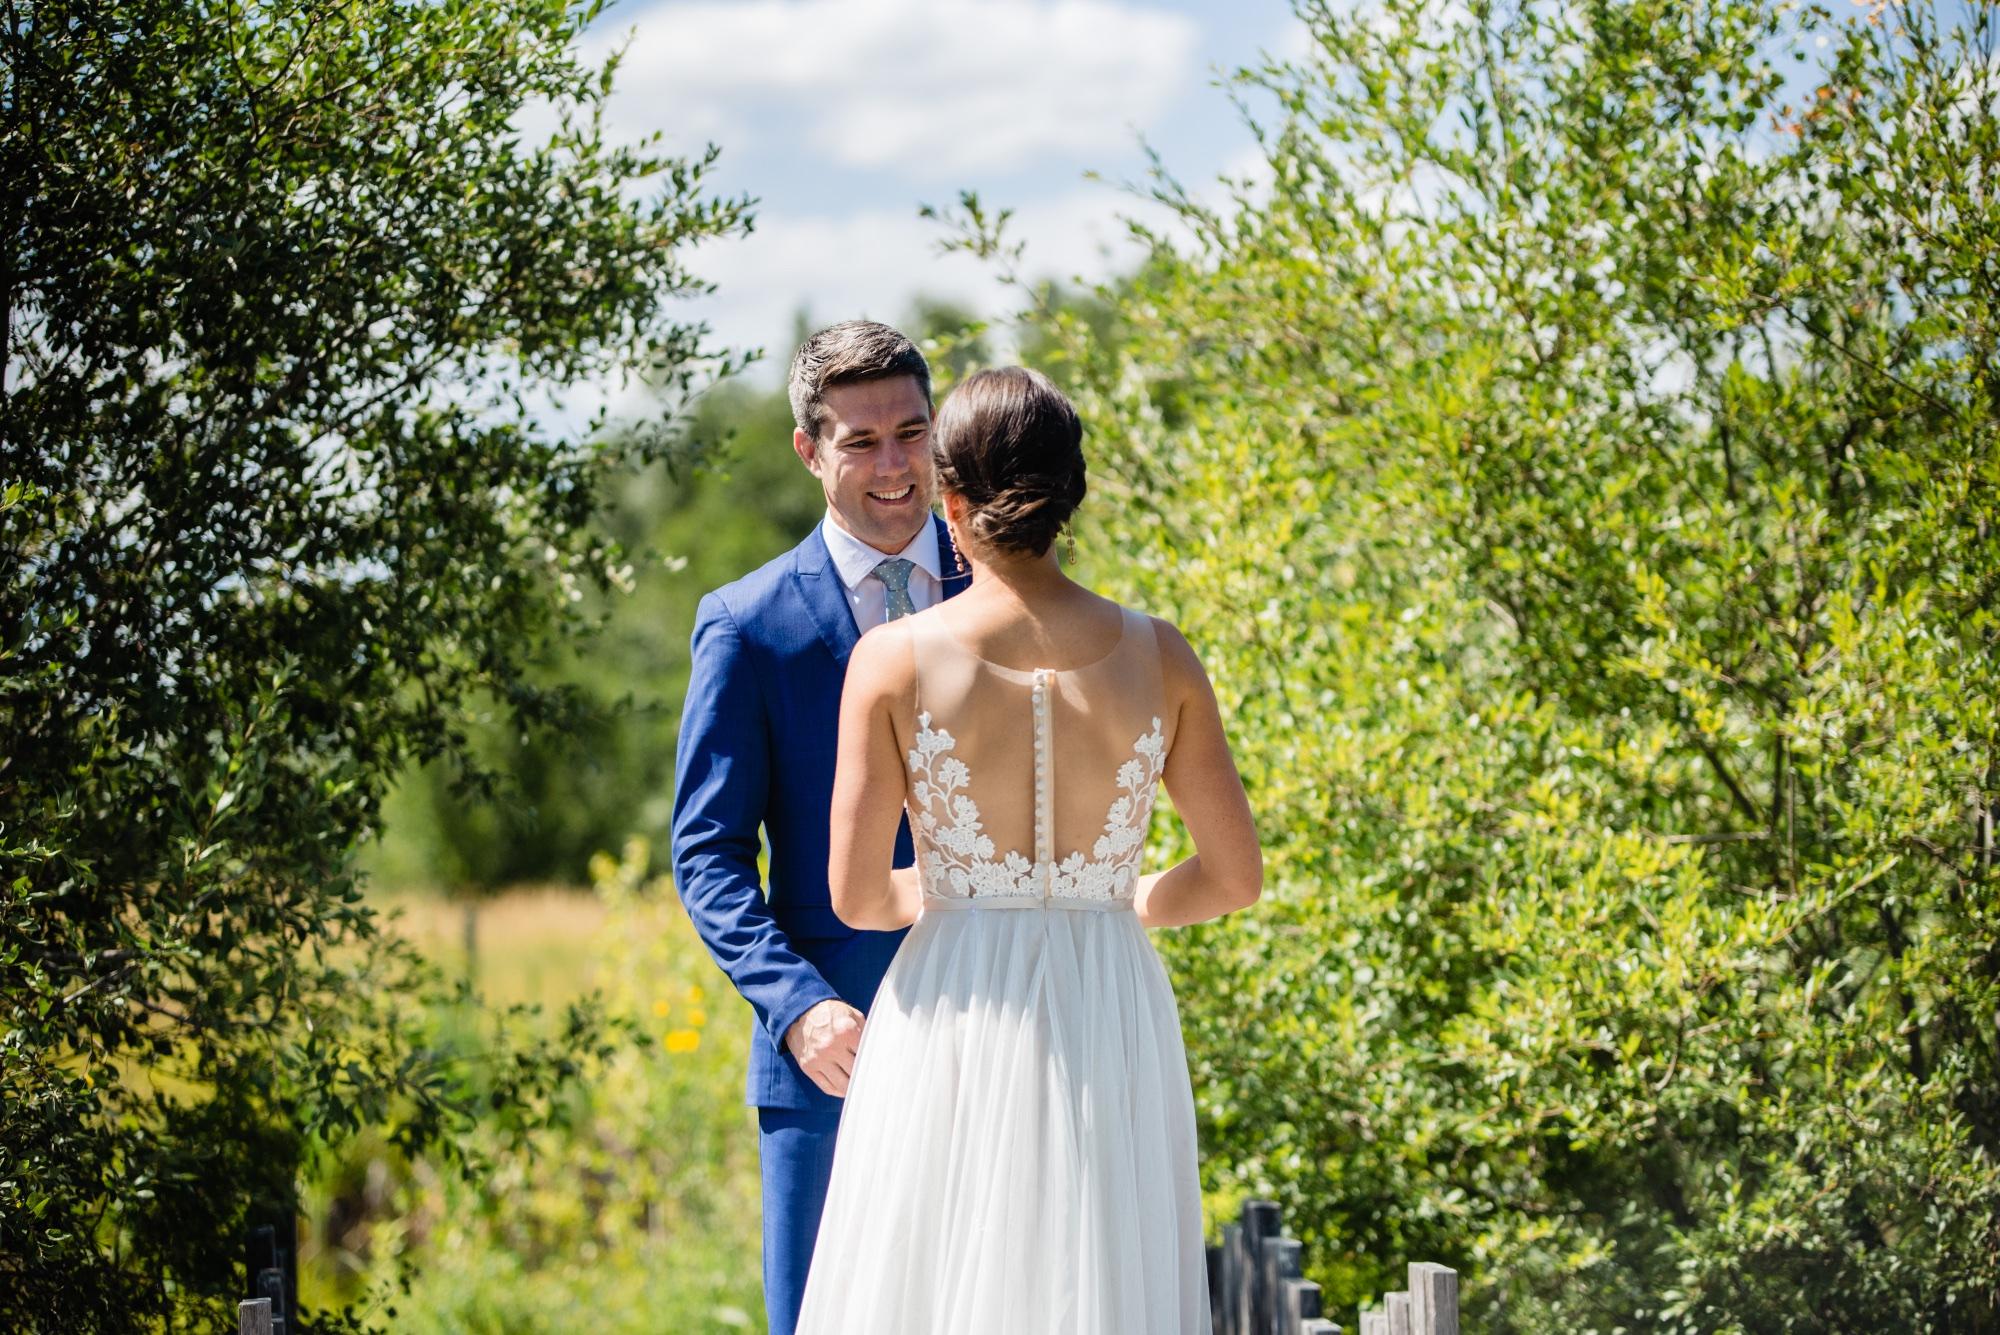 lindseyjane_weddings0031.jpg